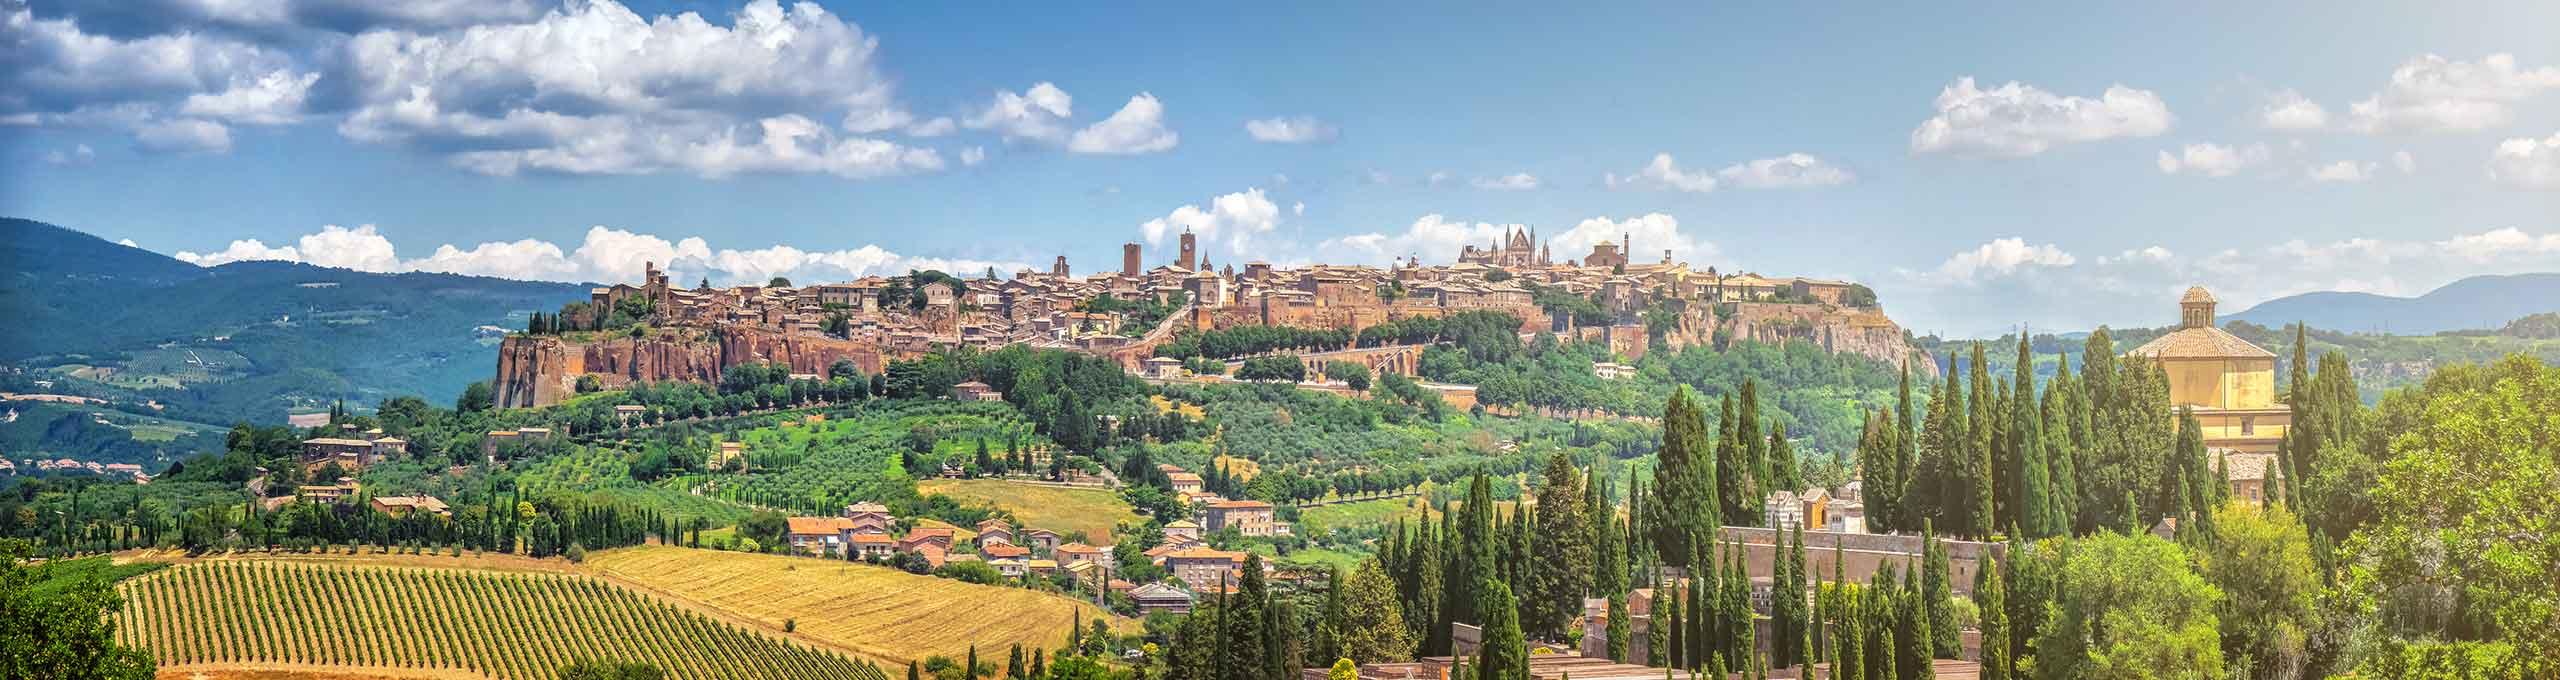 Orvieto città etrusca